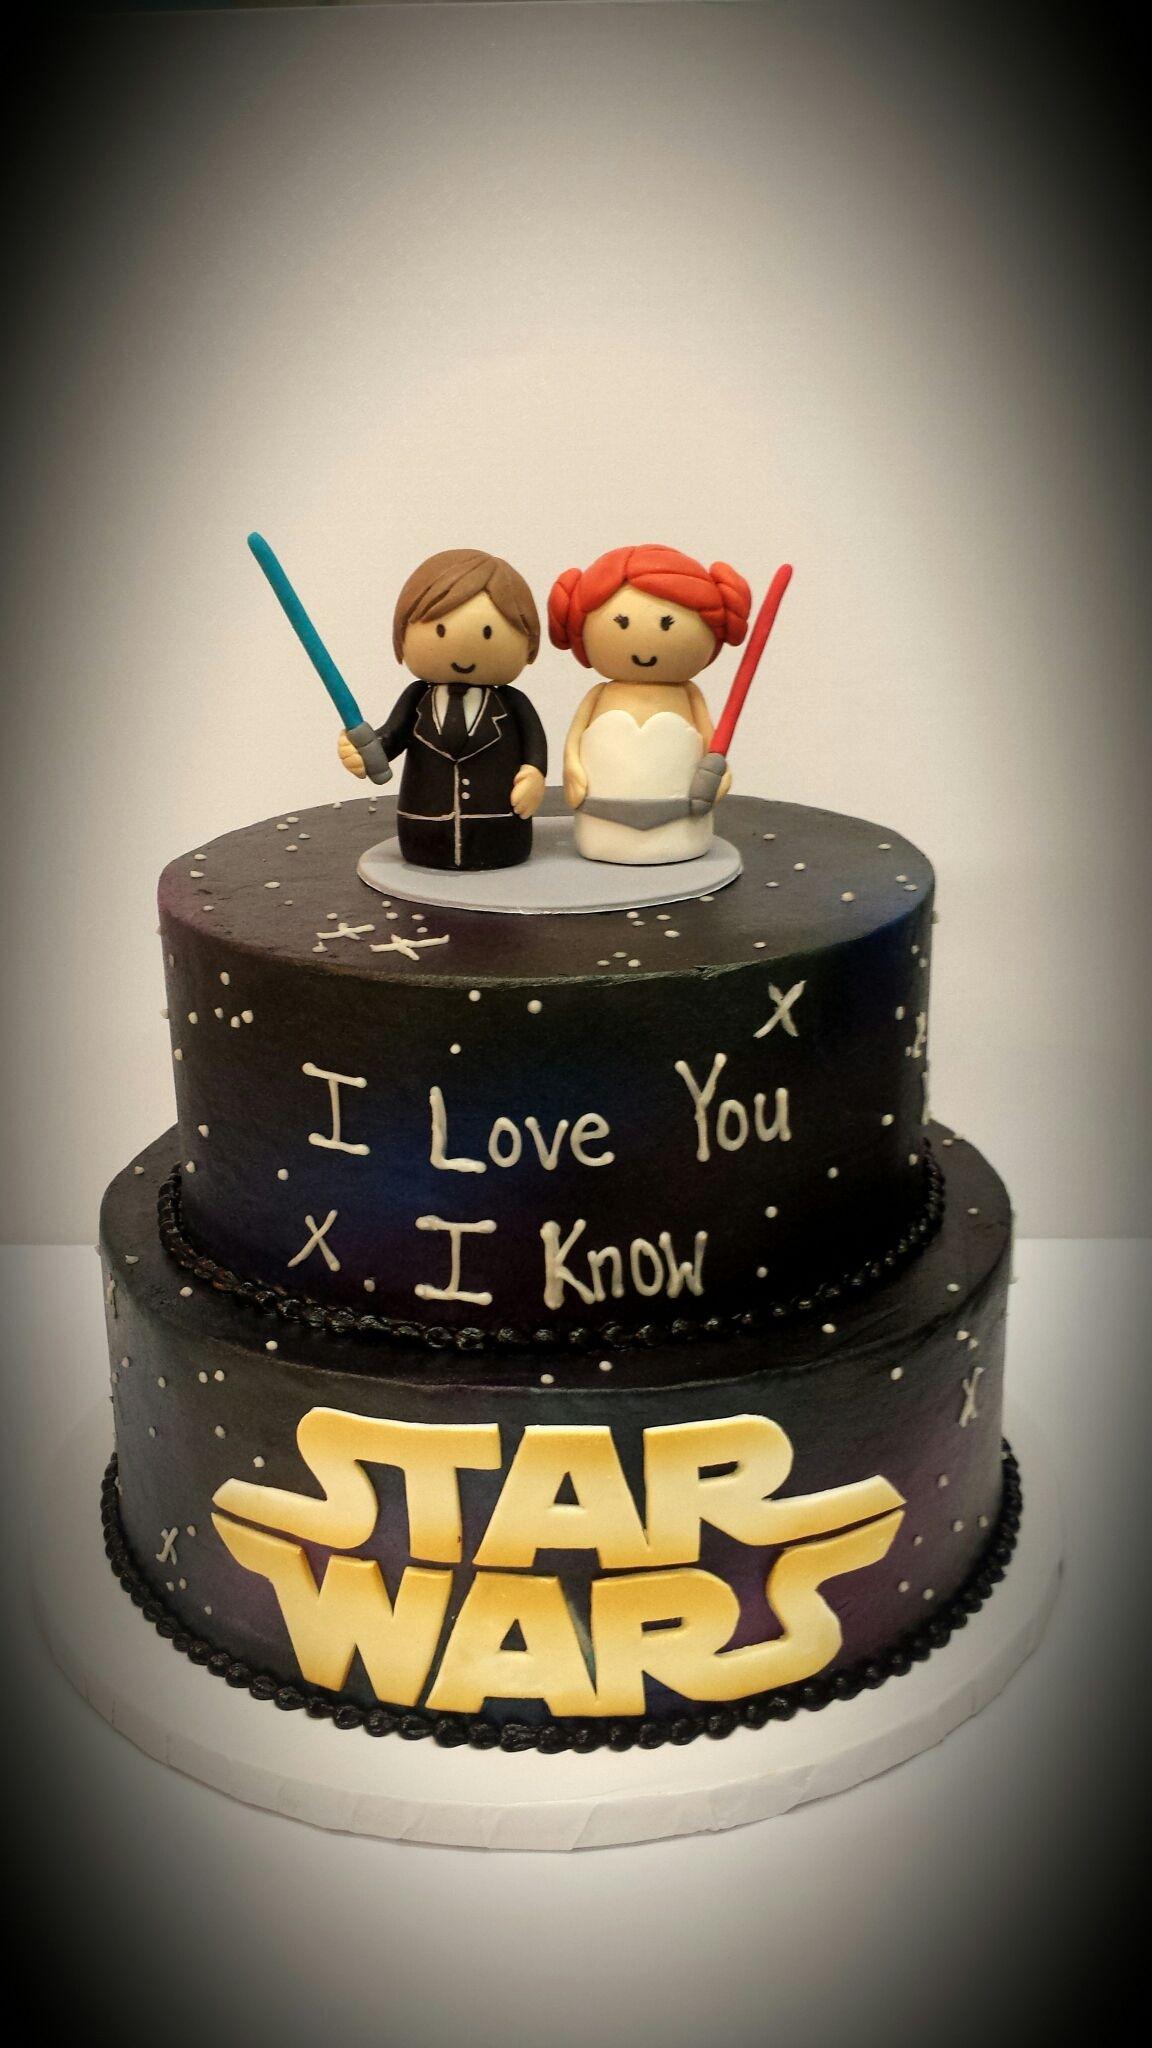 Fullsize Of Star Wars Wedding Cake